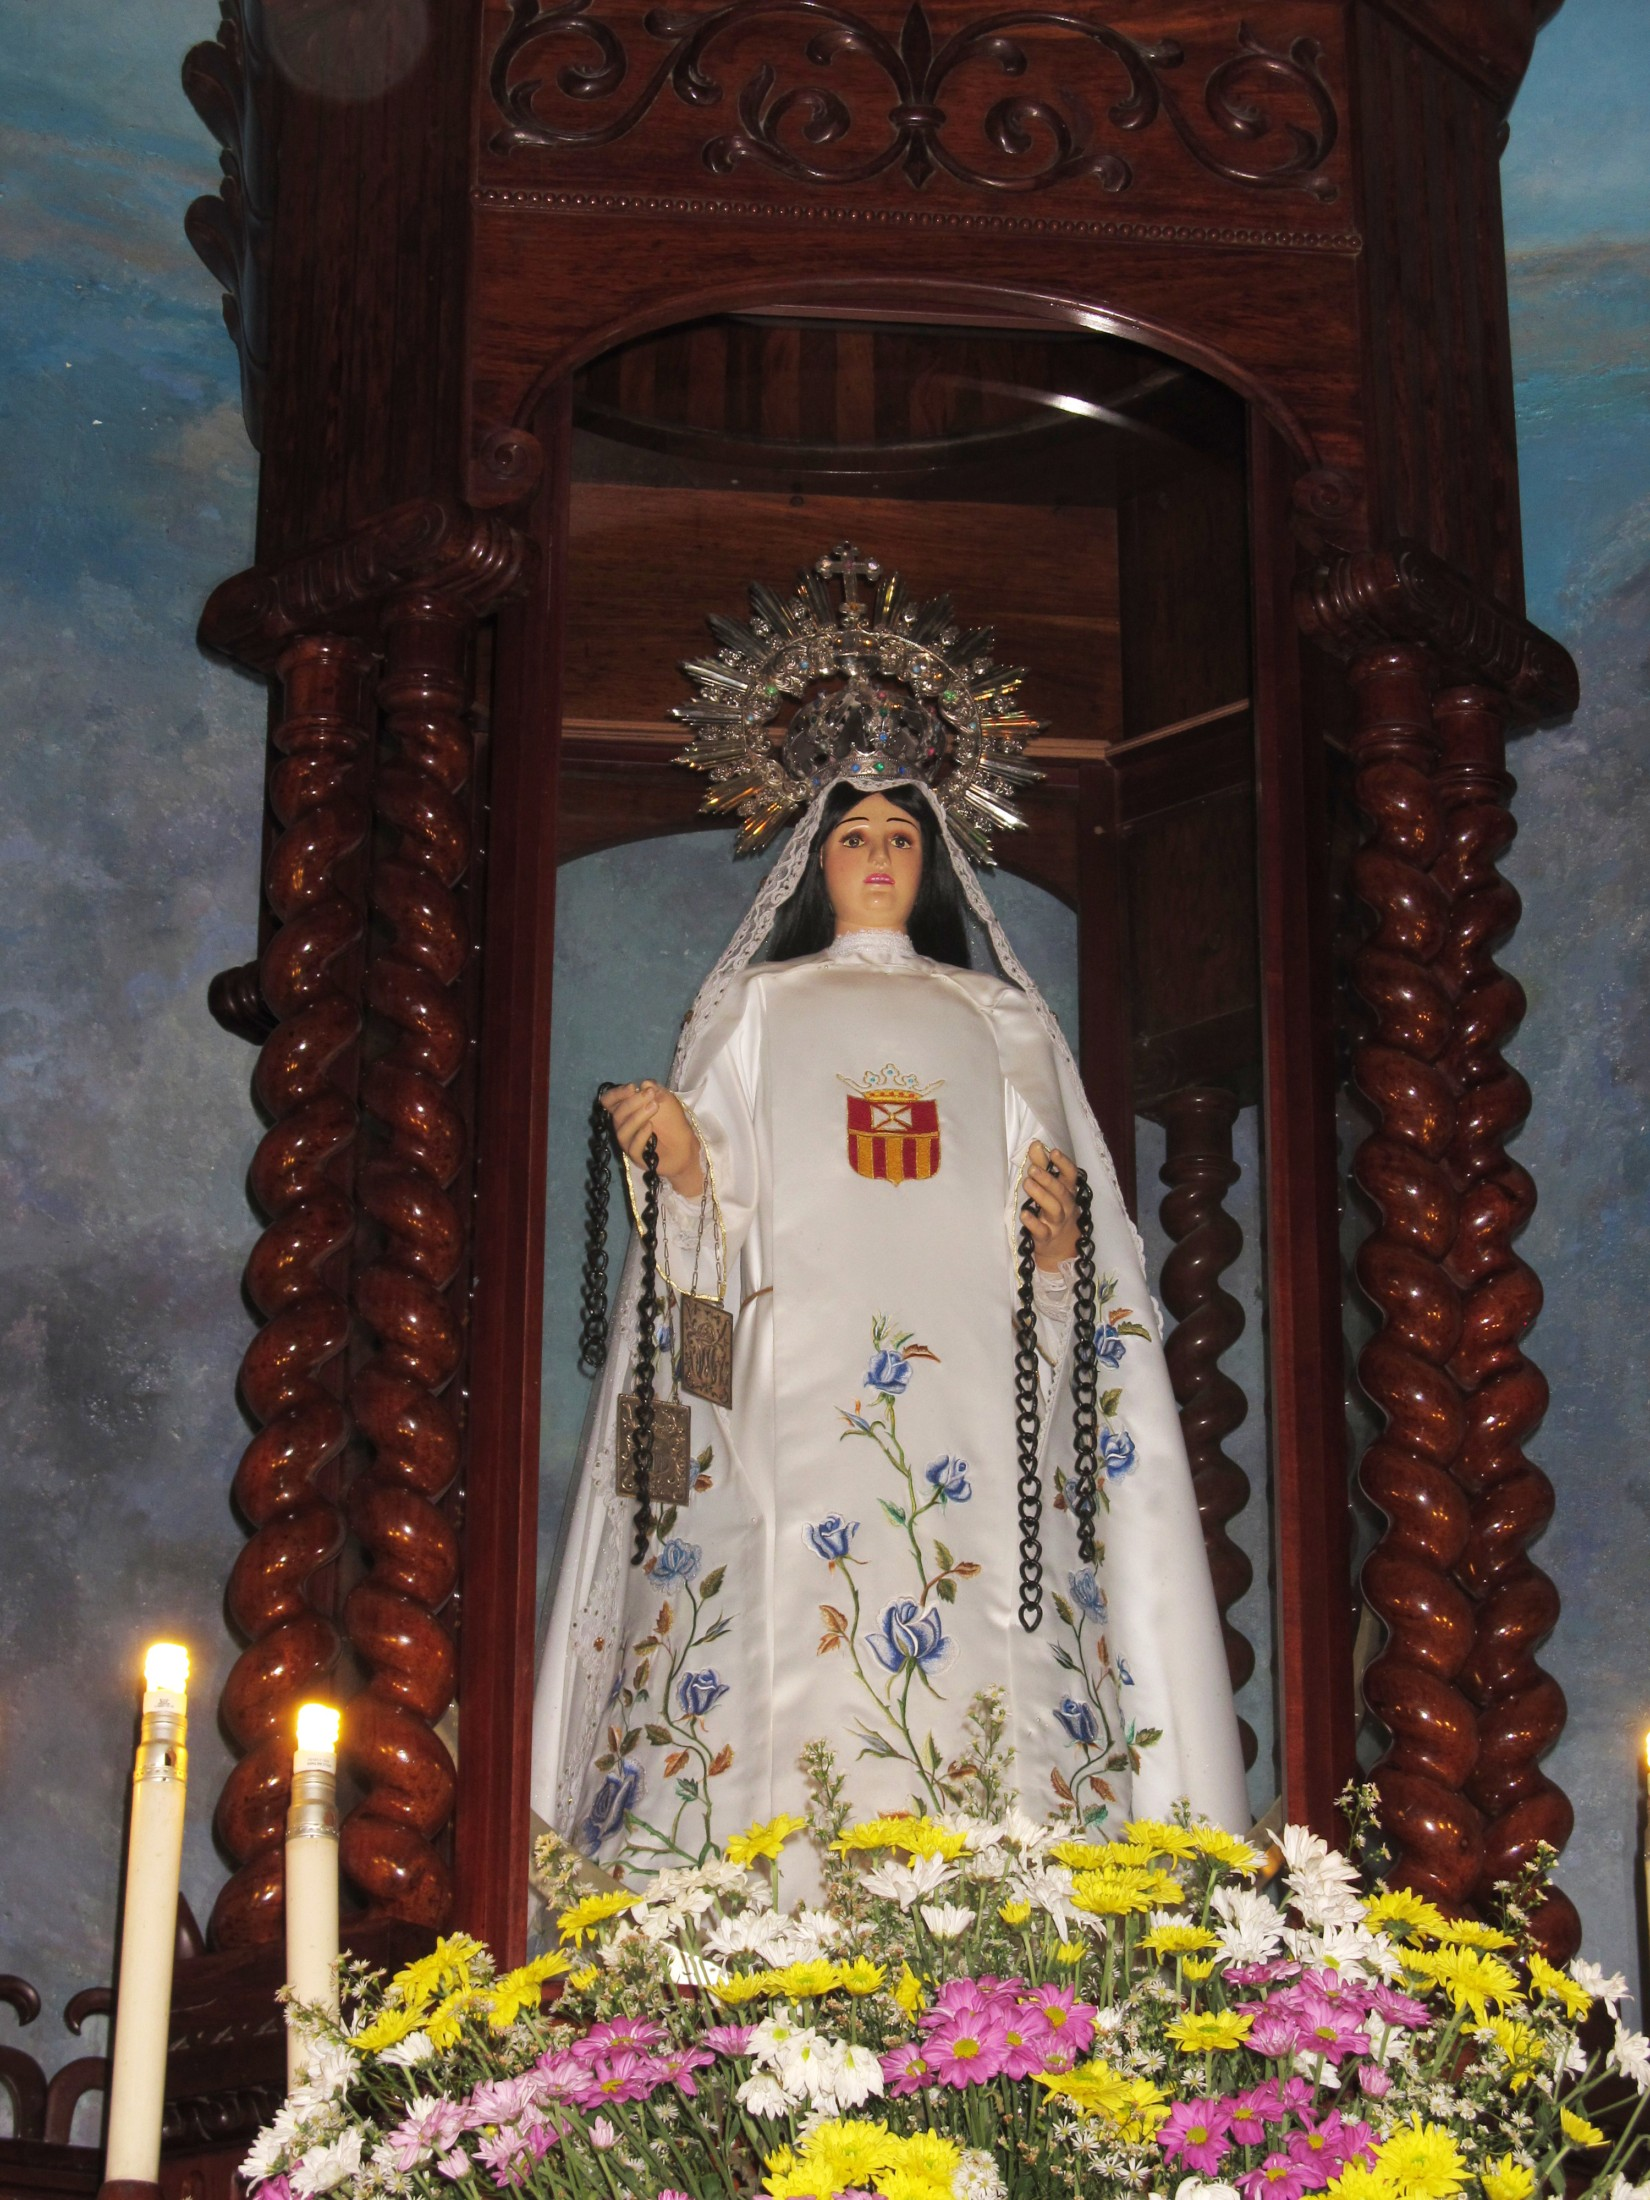 rd-santo-cerro-2014-09-10-11-56-59